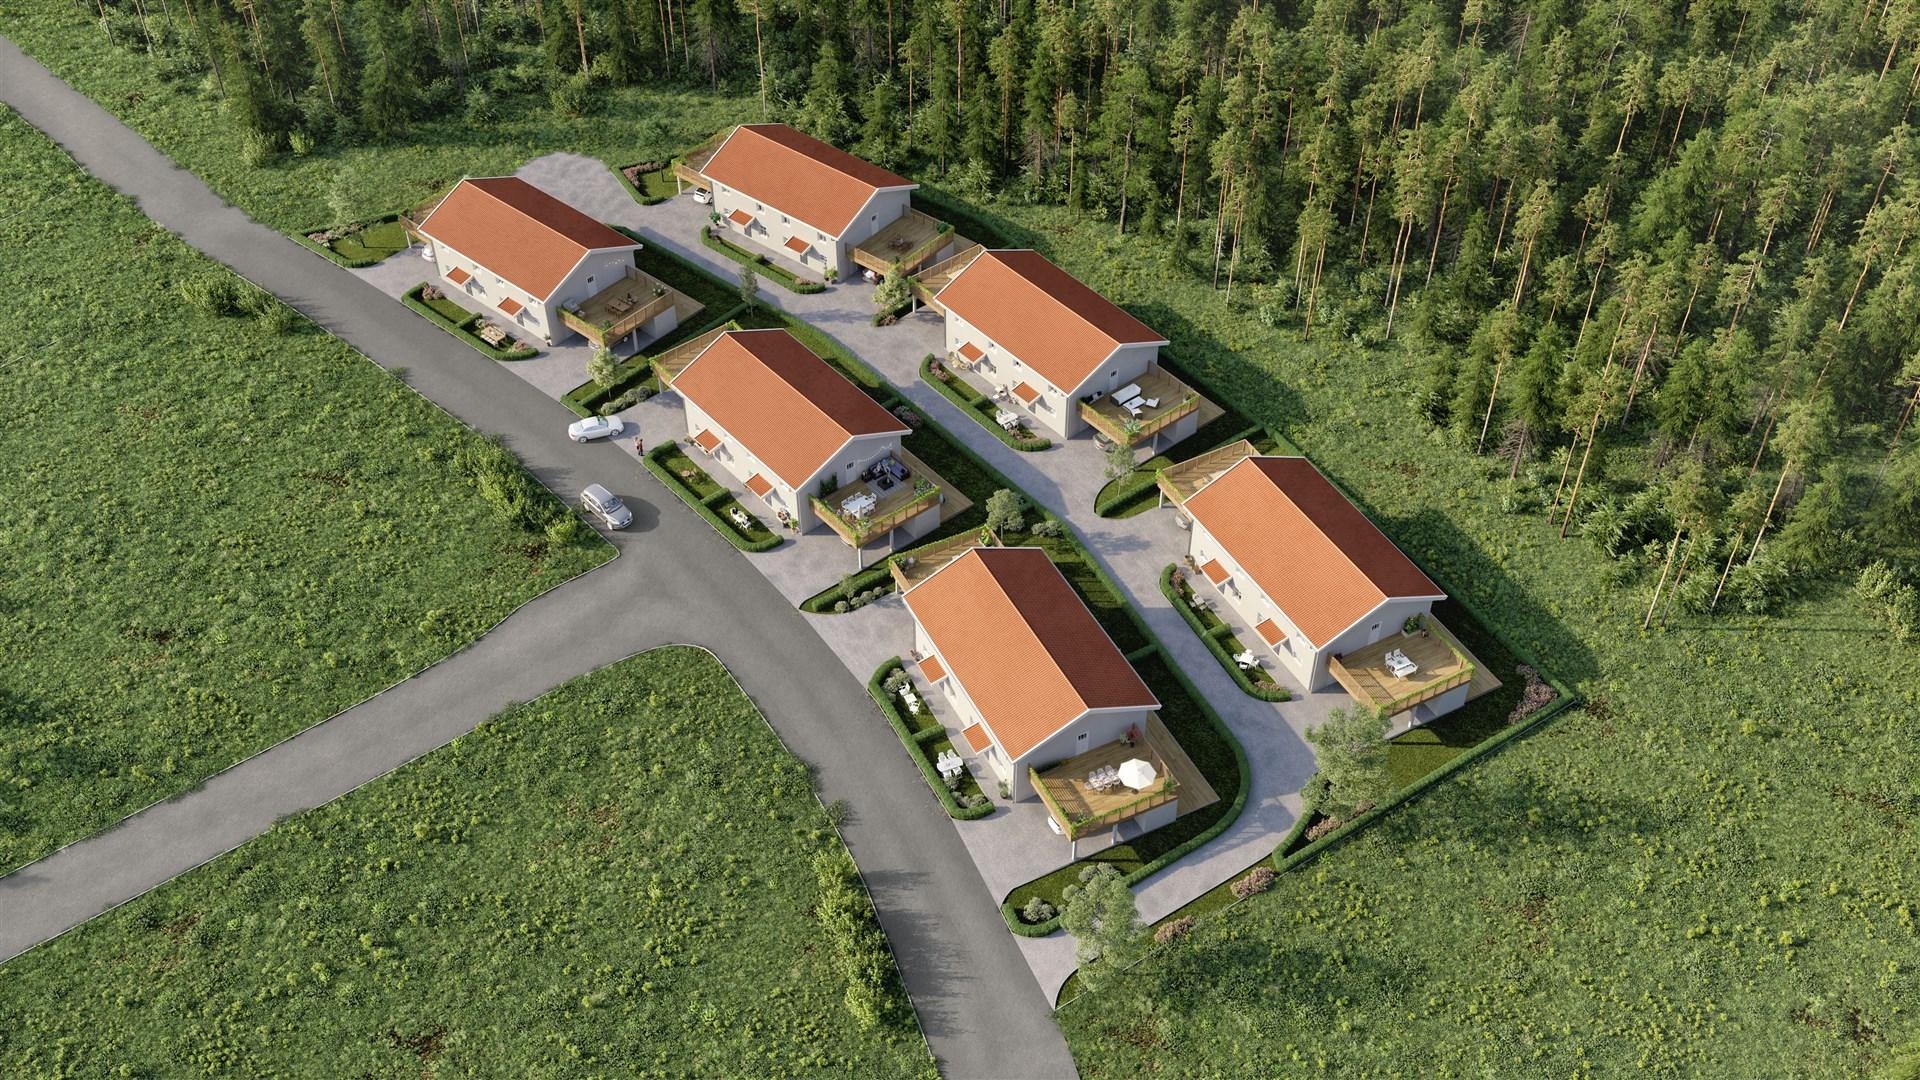 Brf Briggskutan byggs i Bredsand, Etapp 4 som heter Nedre Bredsandsskogen